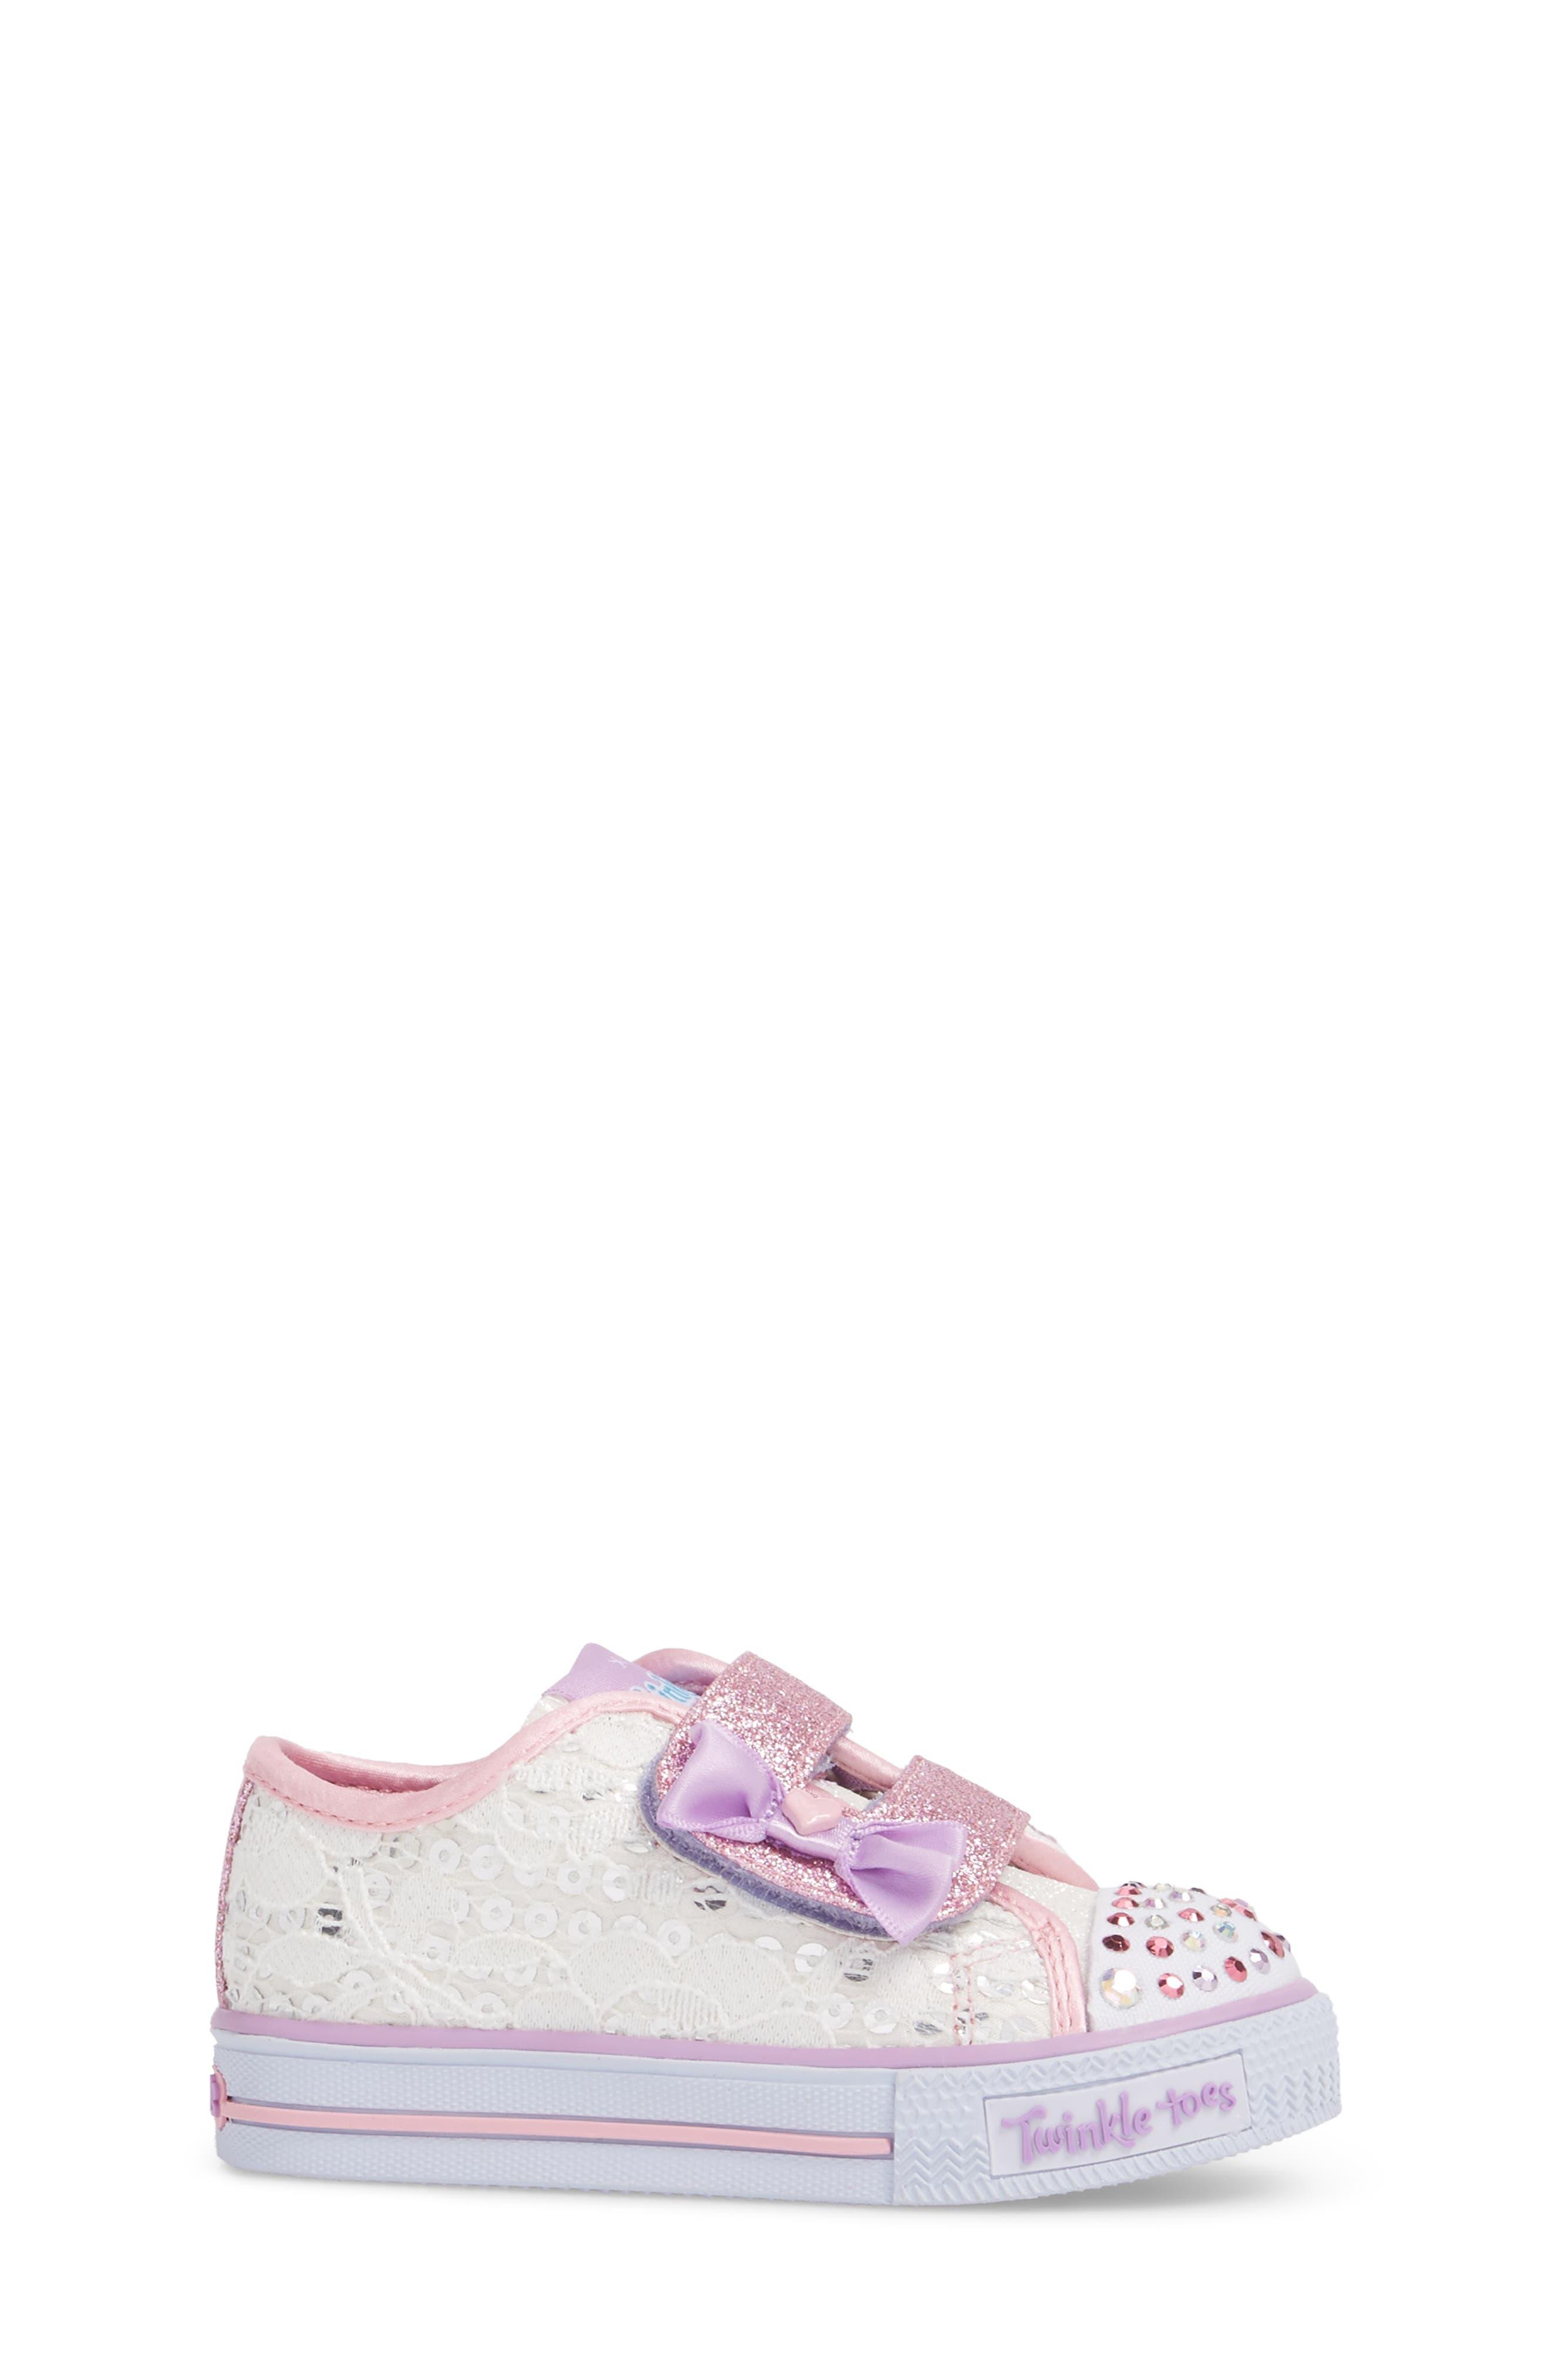 Twinkle Toes Shuffles Light-Up Glitter Sneaker,                             Alternate thumbnail 3, color,                             100